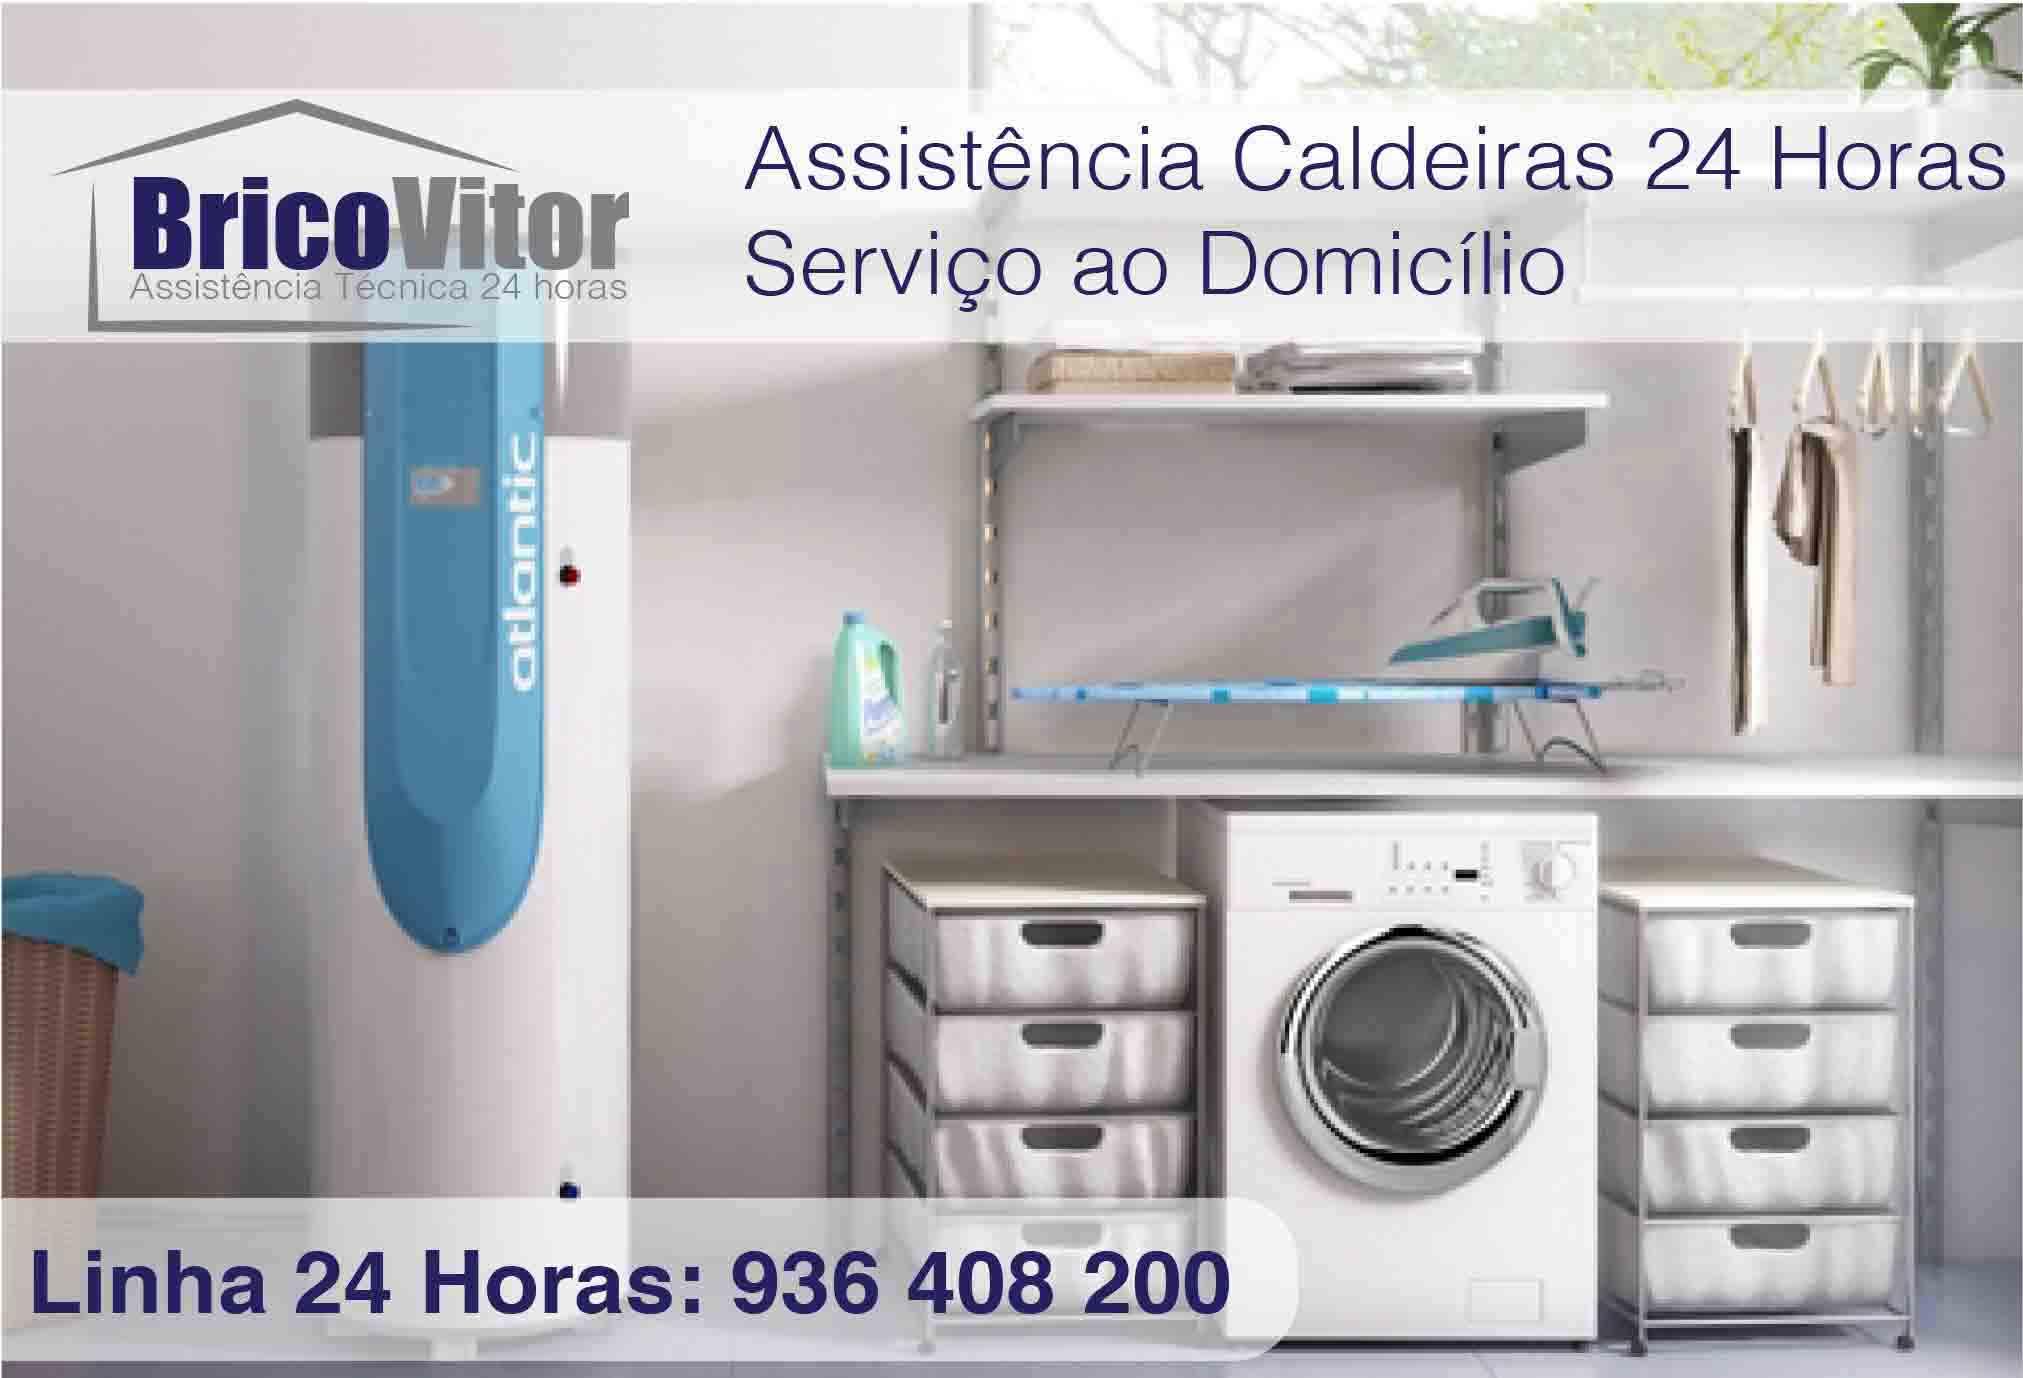 Assistência Caldeiras Vila Real